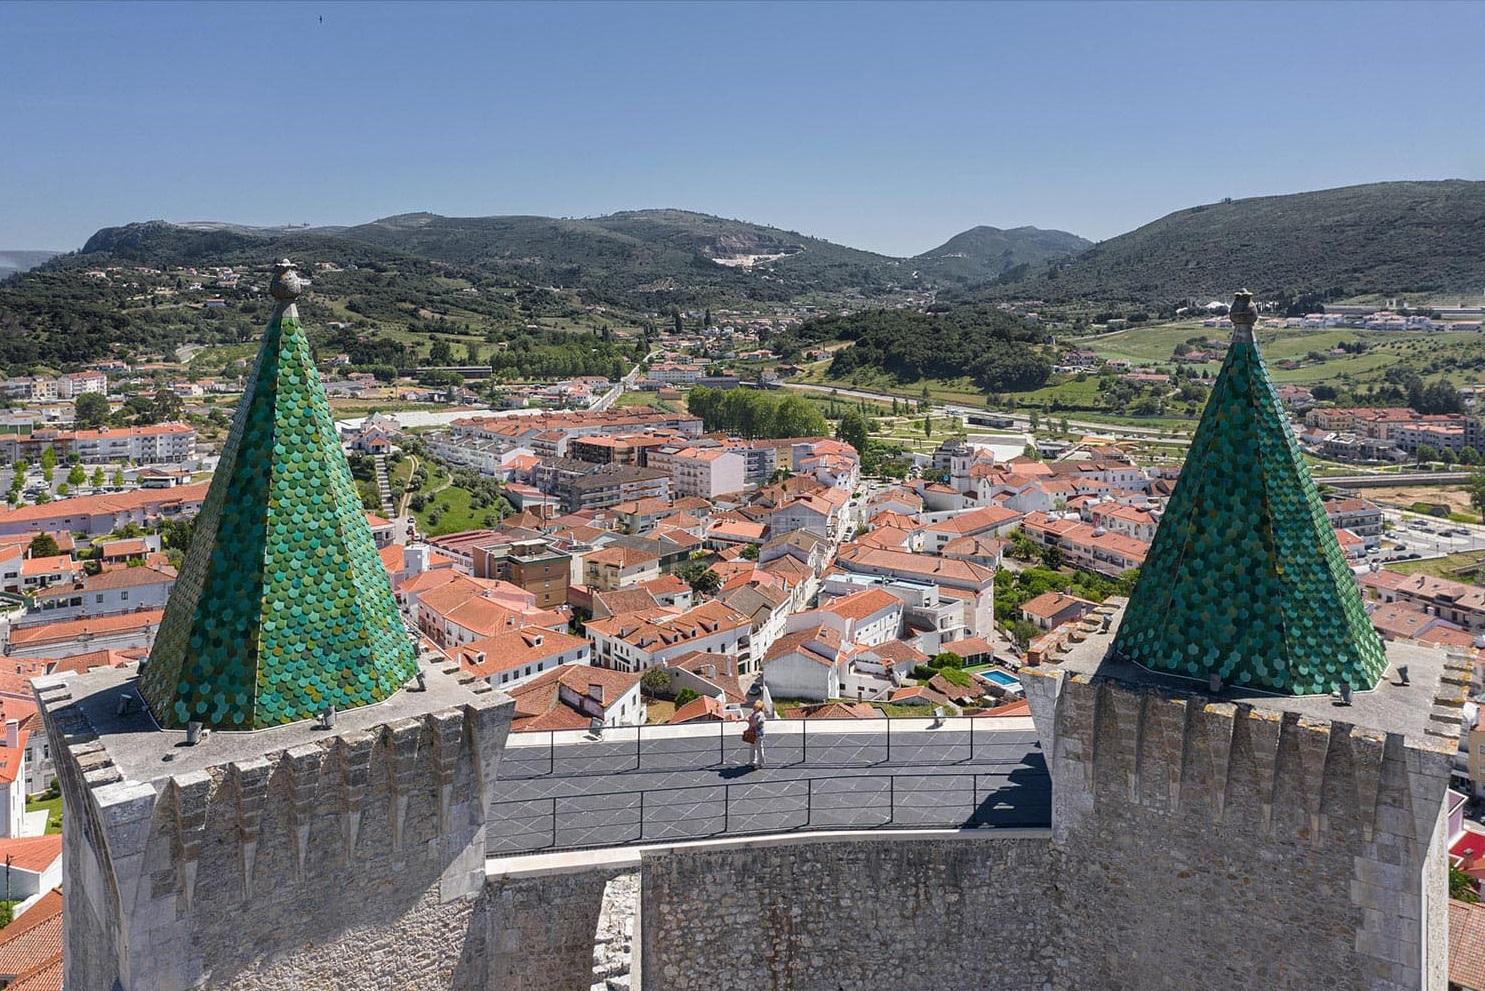 Castelo de Porto de Mós - Slabstone - Panoramica